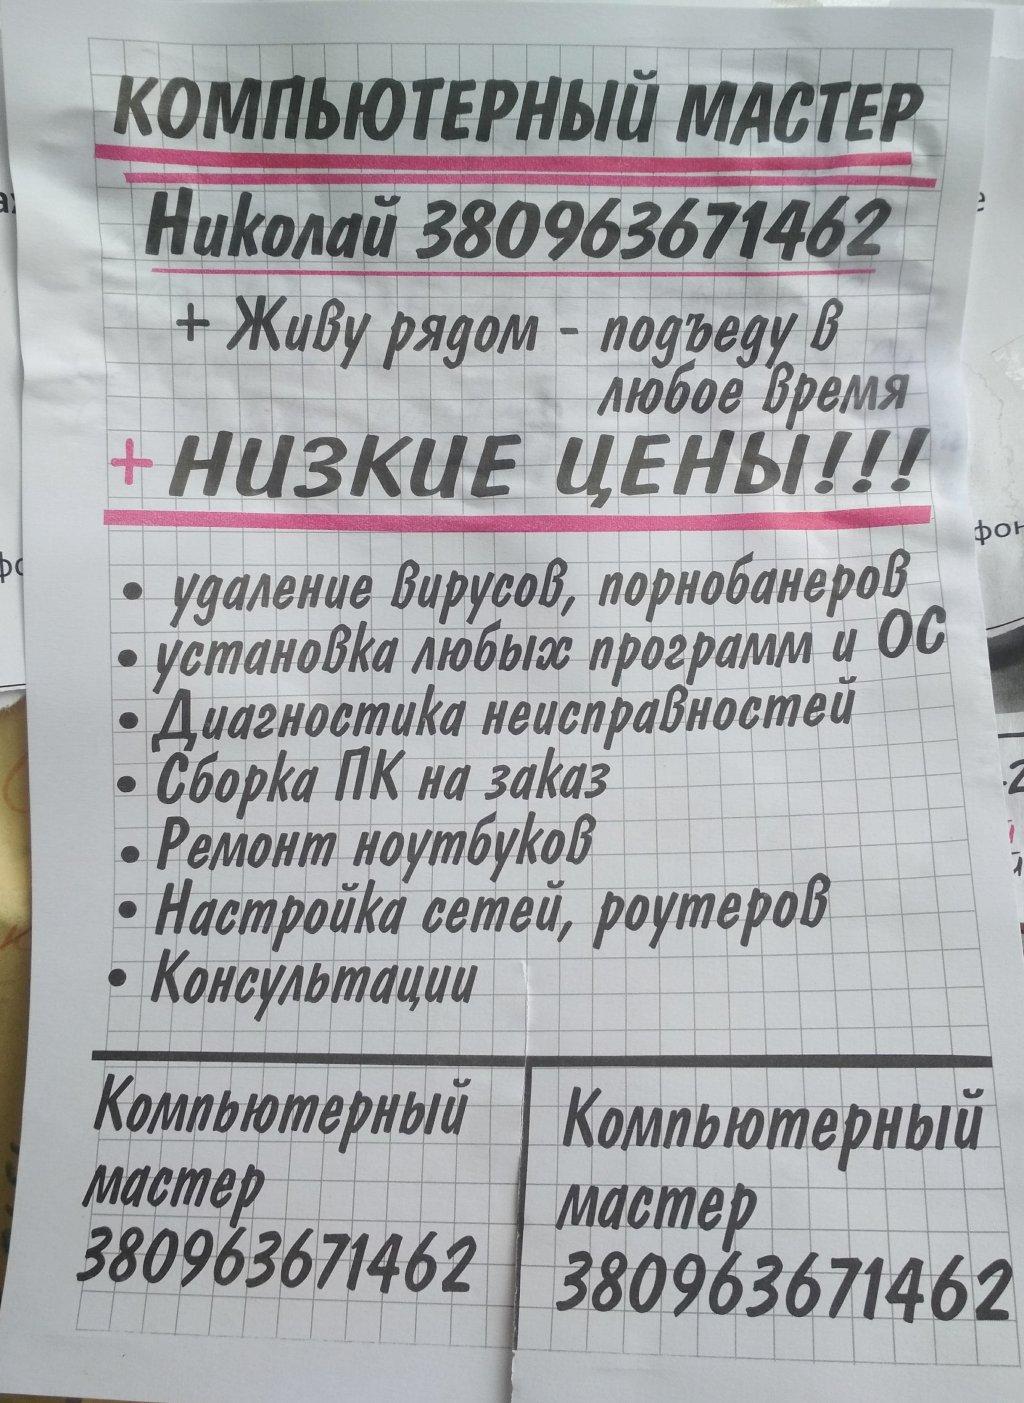 0963671462 Николай, вор и обманщик - 0963671462 опасный мастер, вор и обманщик.